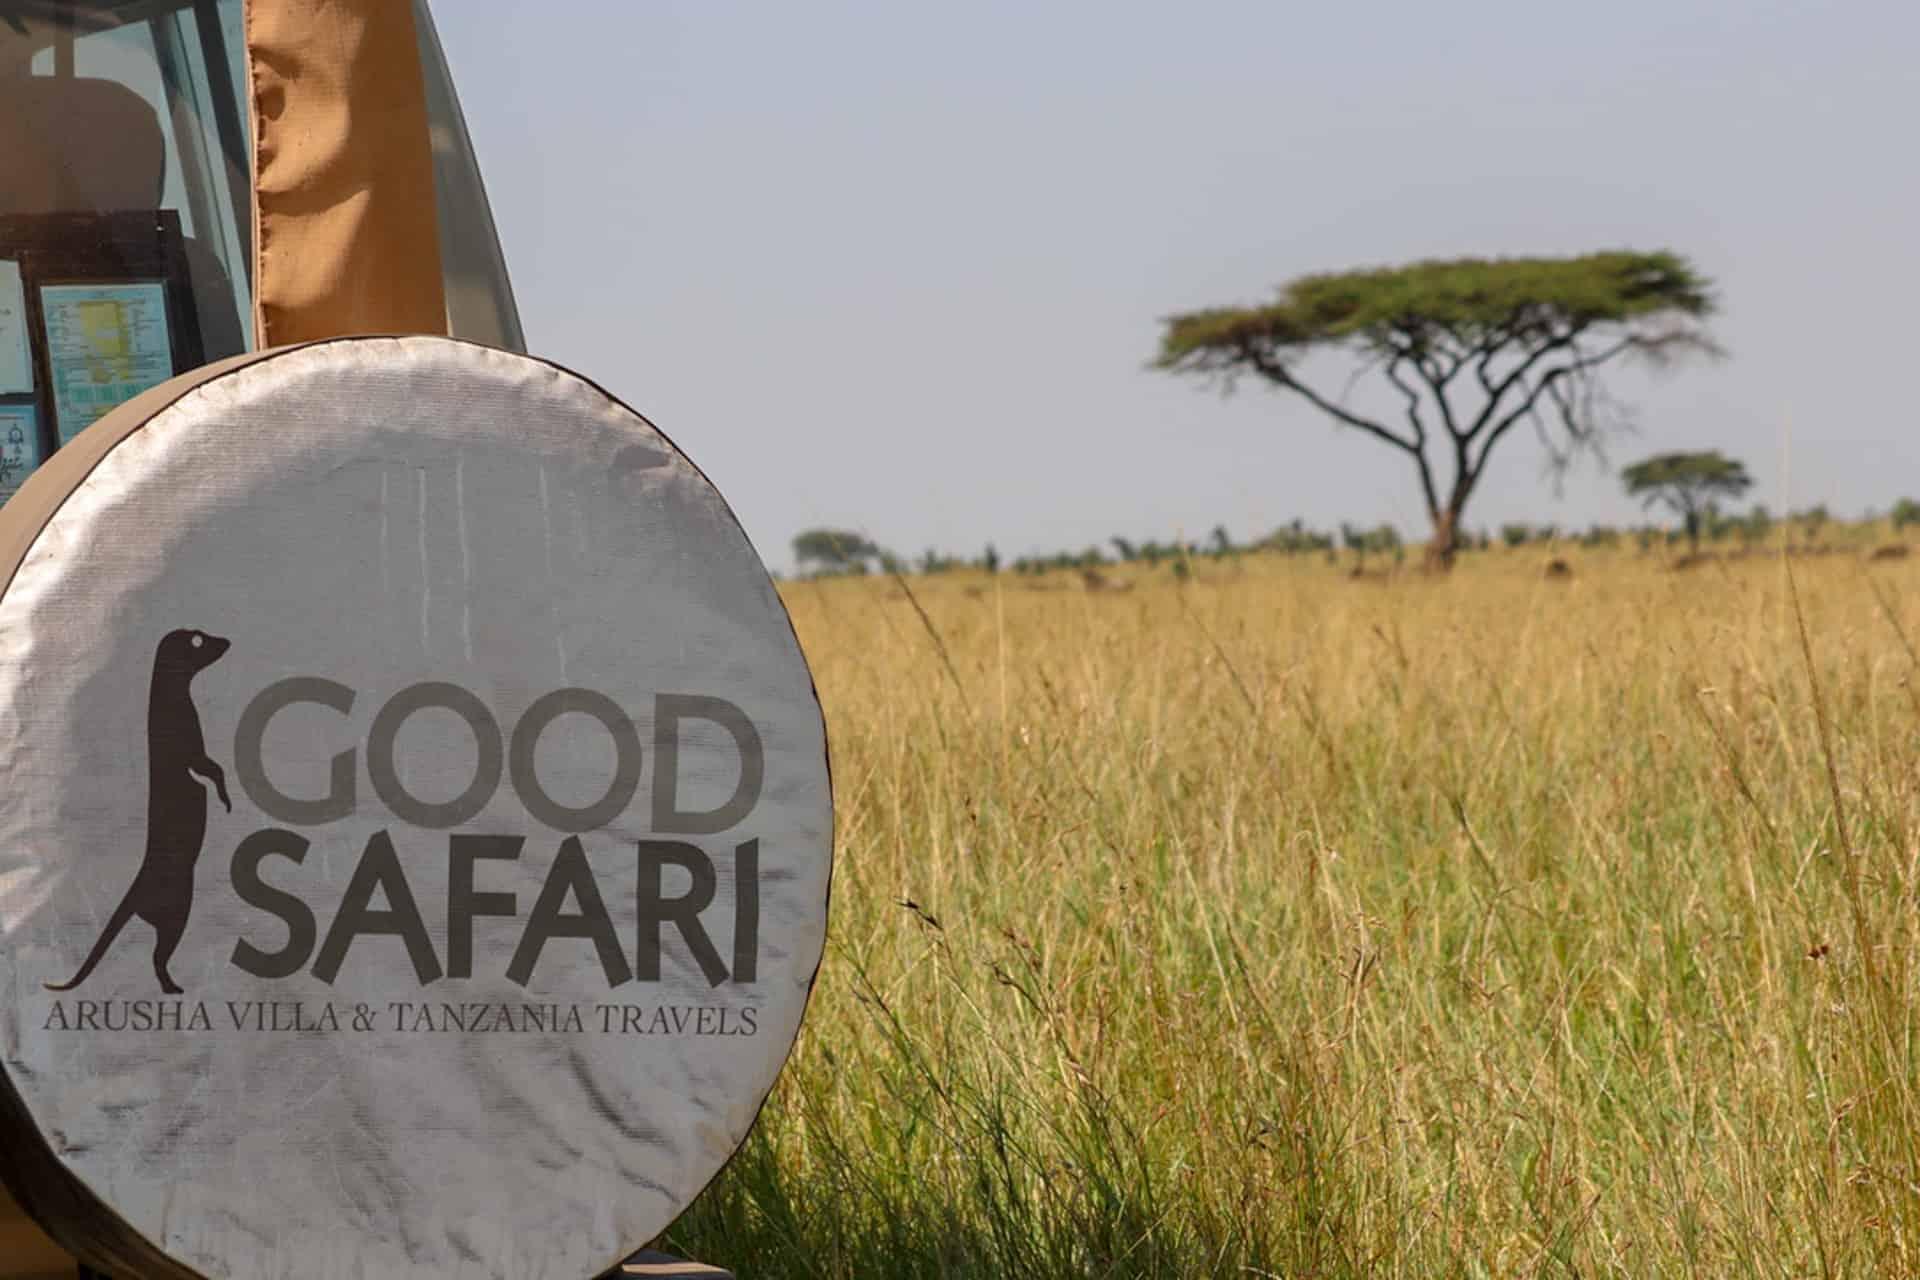 serengeti good safari